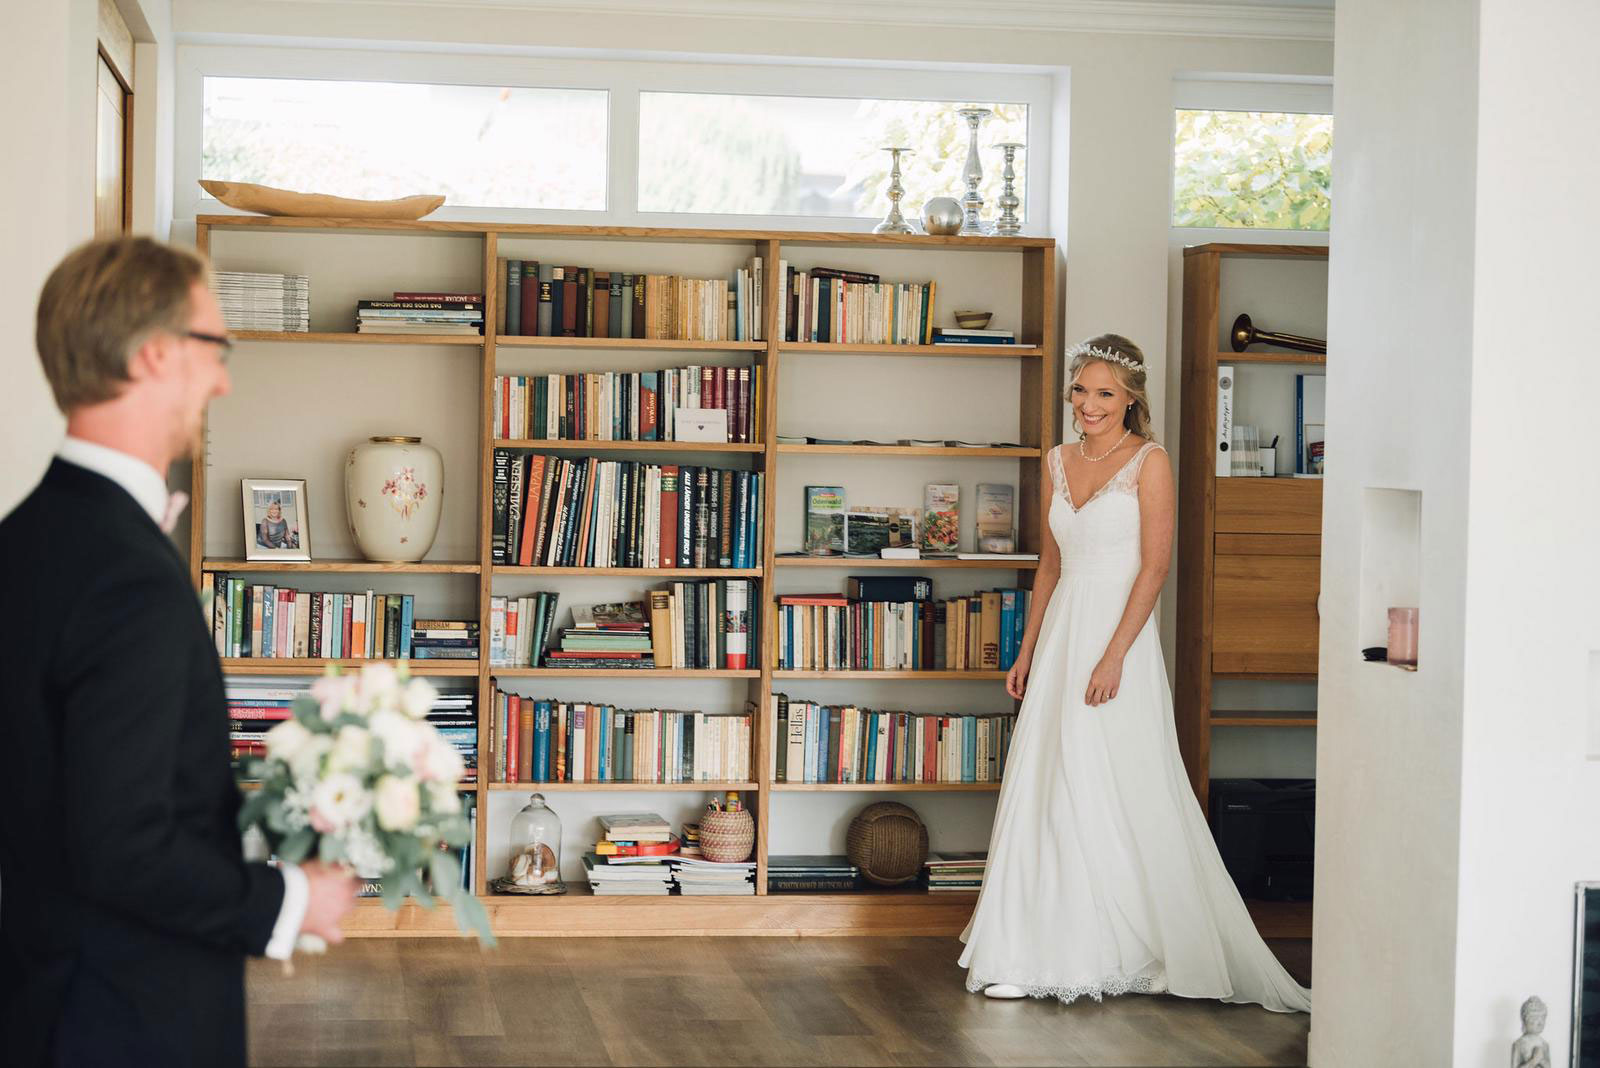 Casa Mia | Blumen für die Hochzeit von Karina und Thore